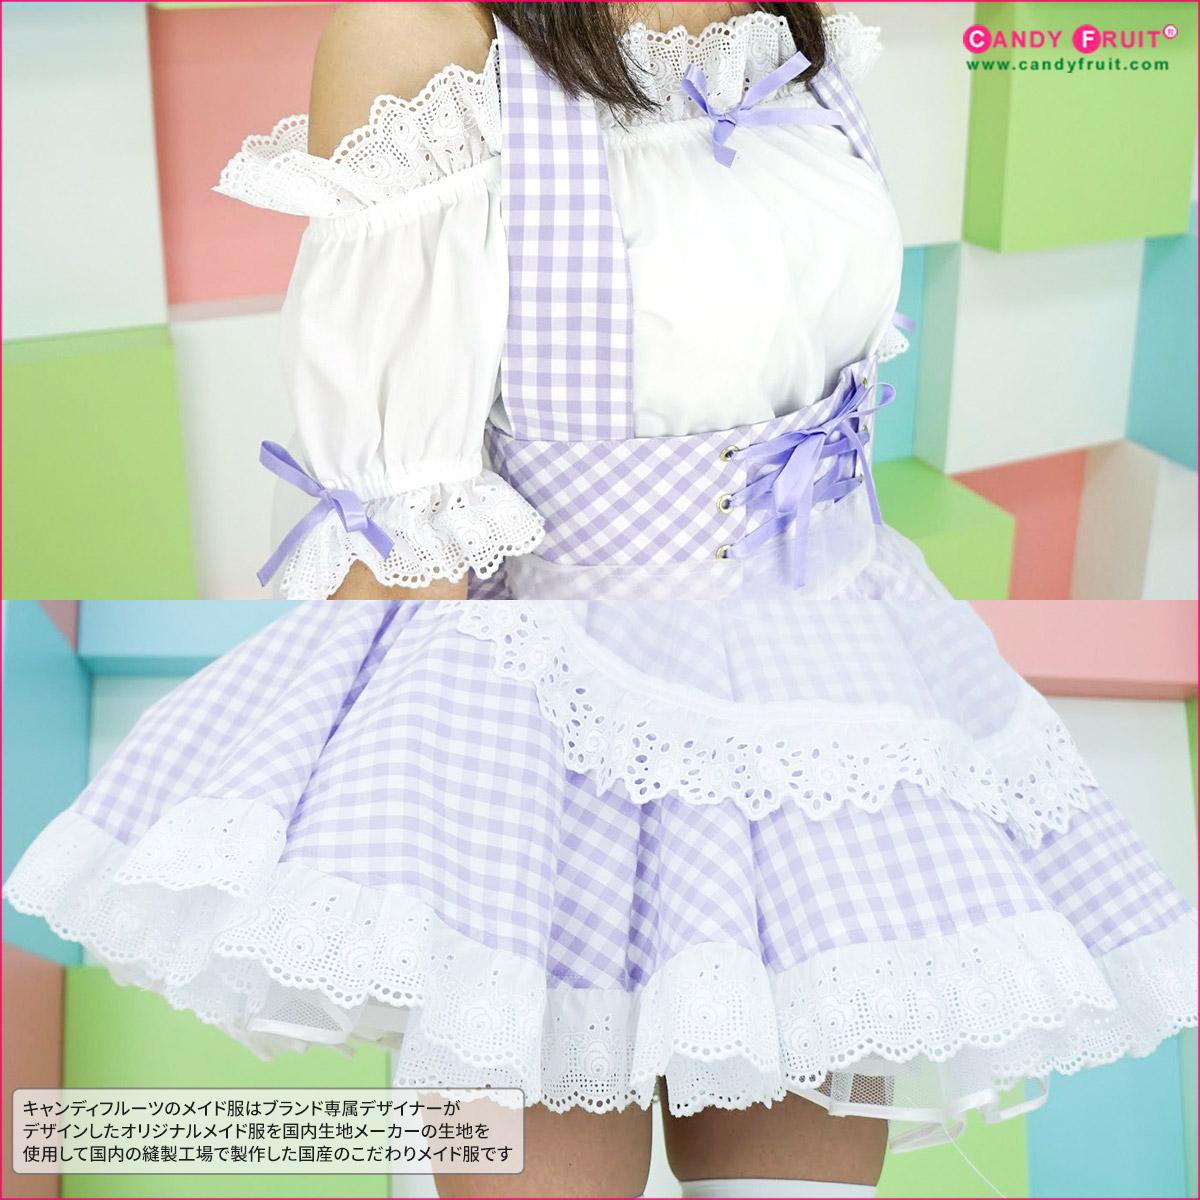 可愛いメイド服と言えばキャンフル!大きいサイズもあります【ラフィーネメイド服】